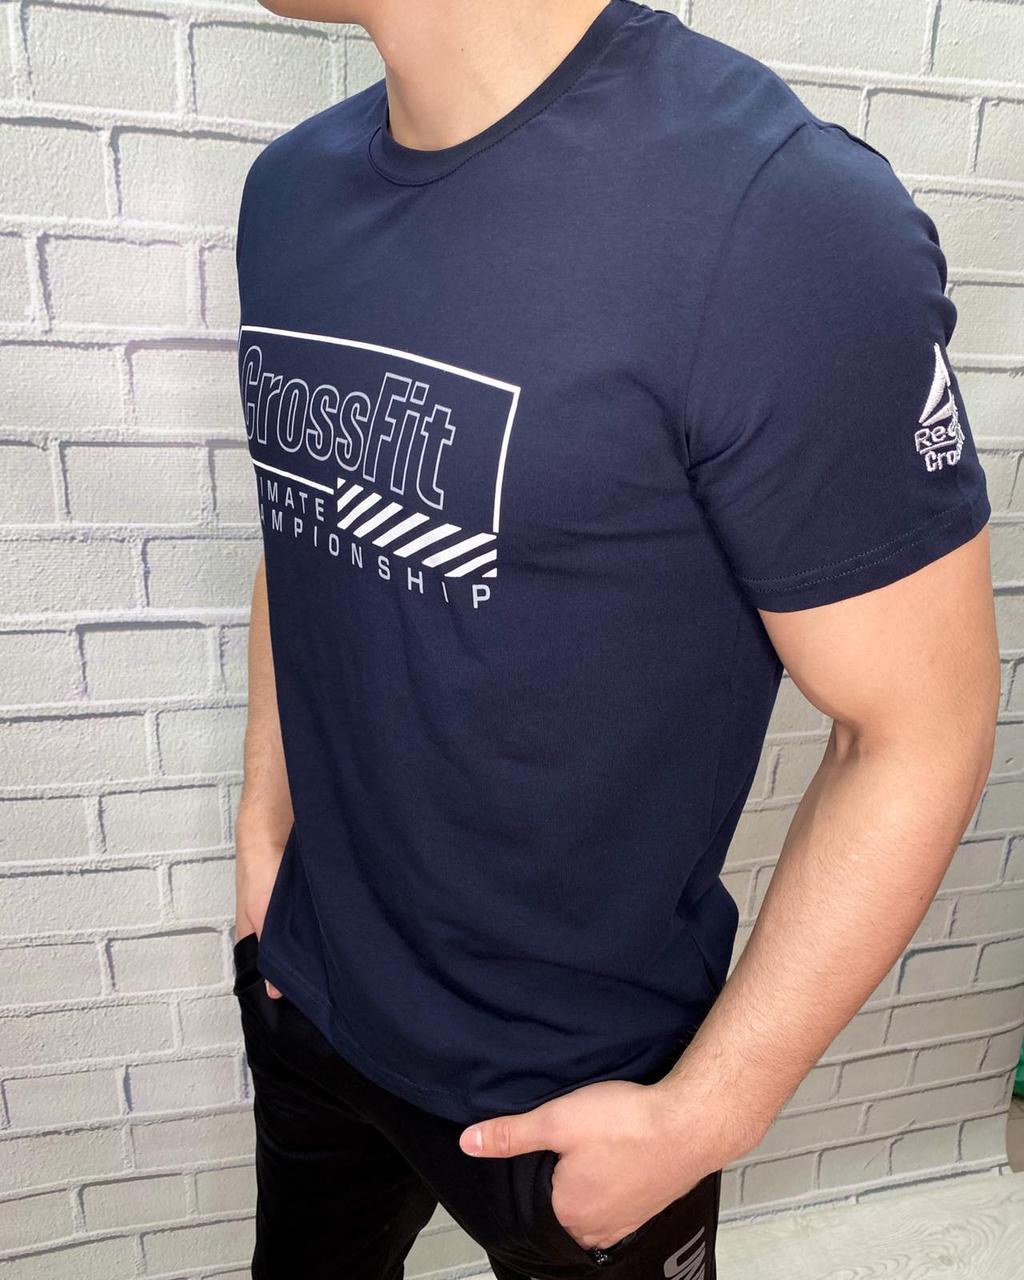 Футболка мужская Reebok Темно-синий Стильная Молодежная Хлопковая для прогулок и спорта Для мужчин M S